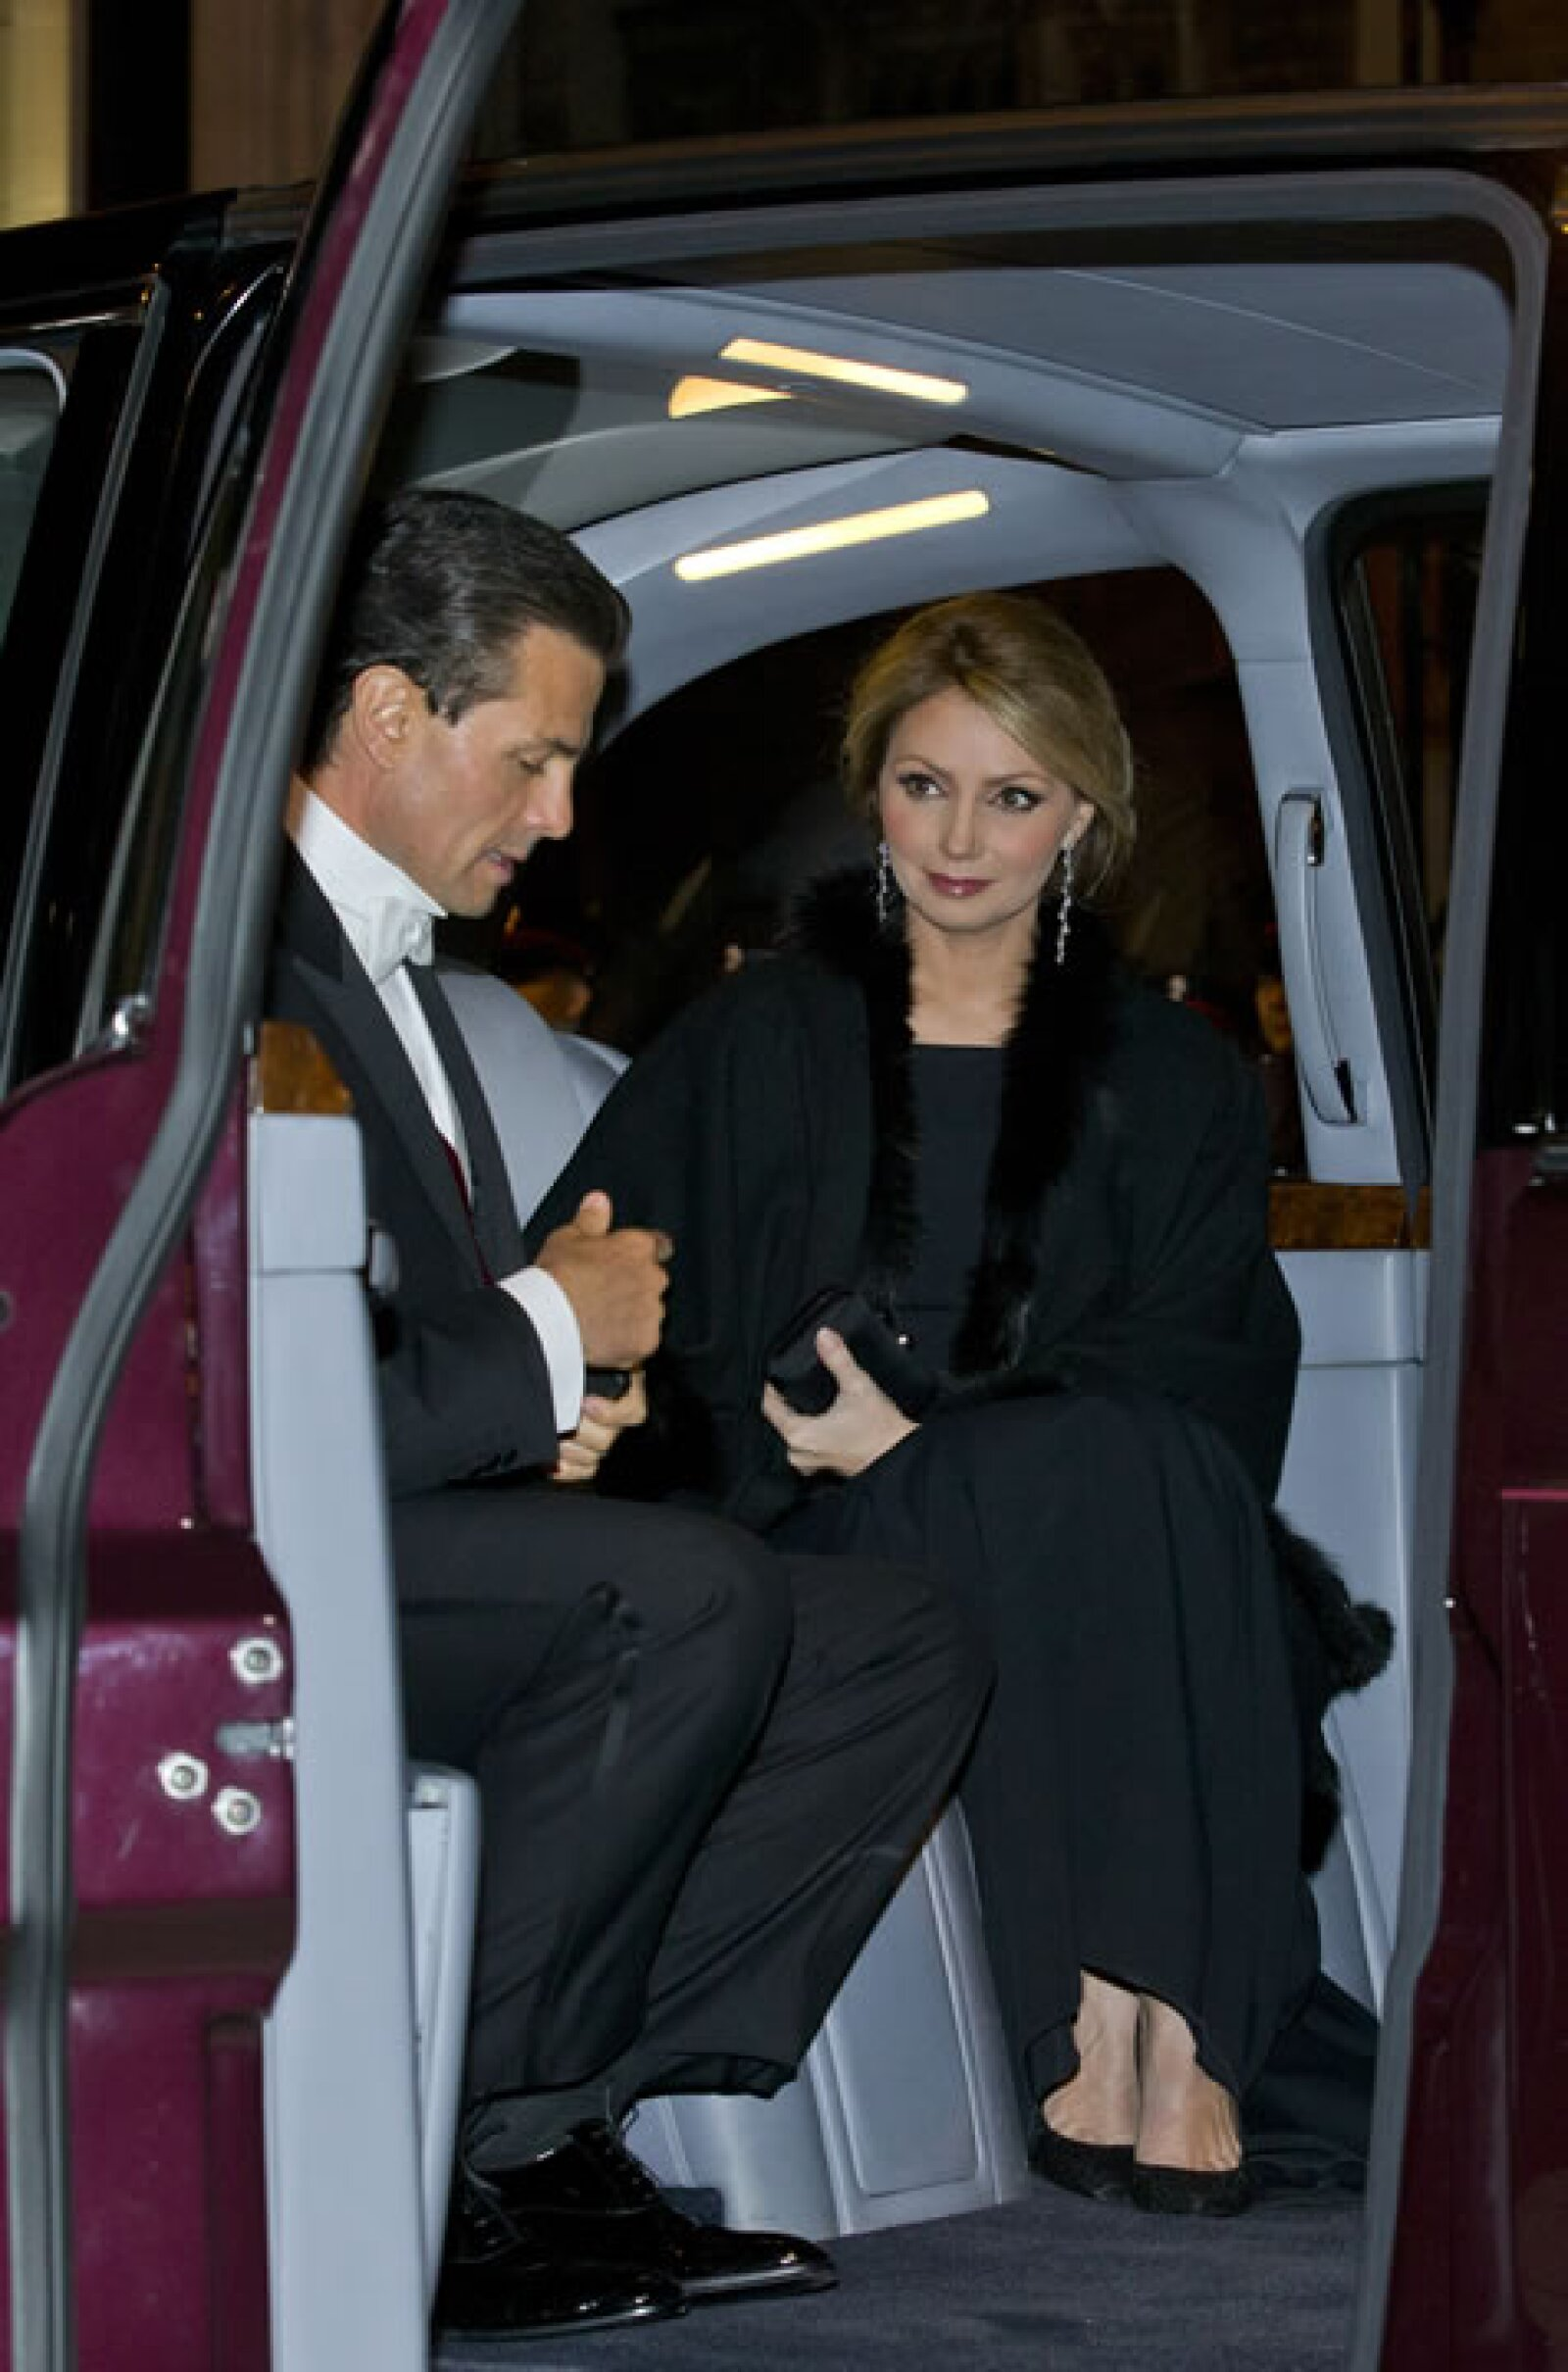 El momento en el que Angélica Rivera y Peña Nieto llegaron al palacio de Buckingham.